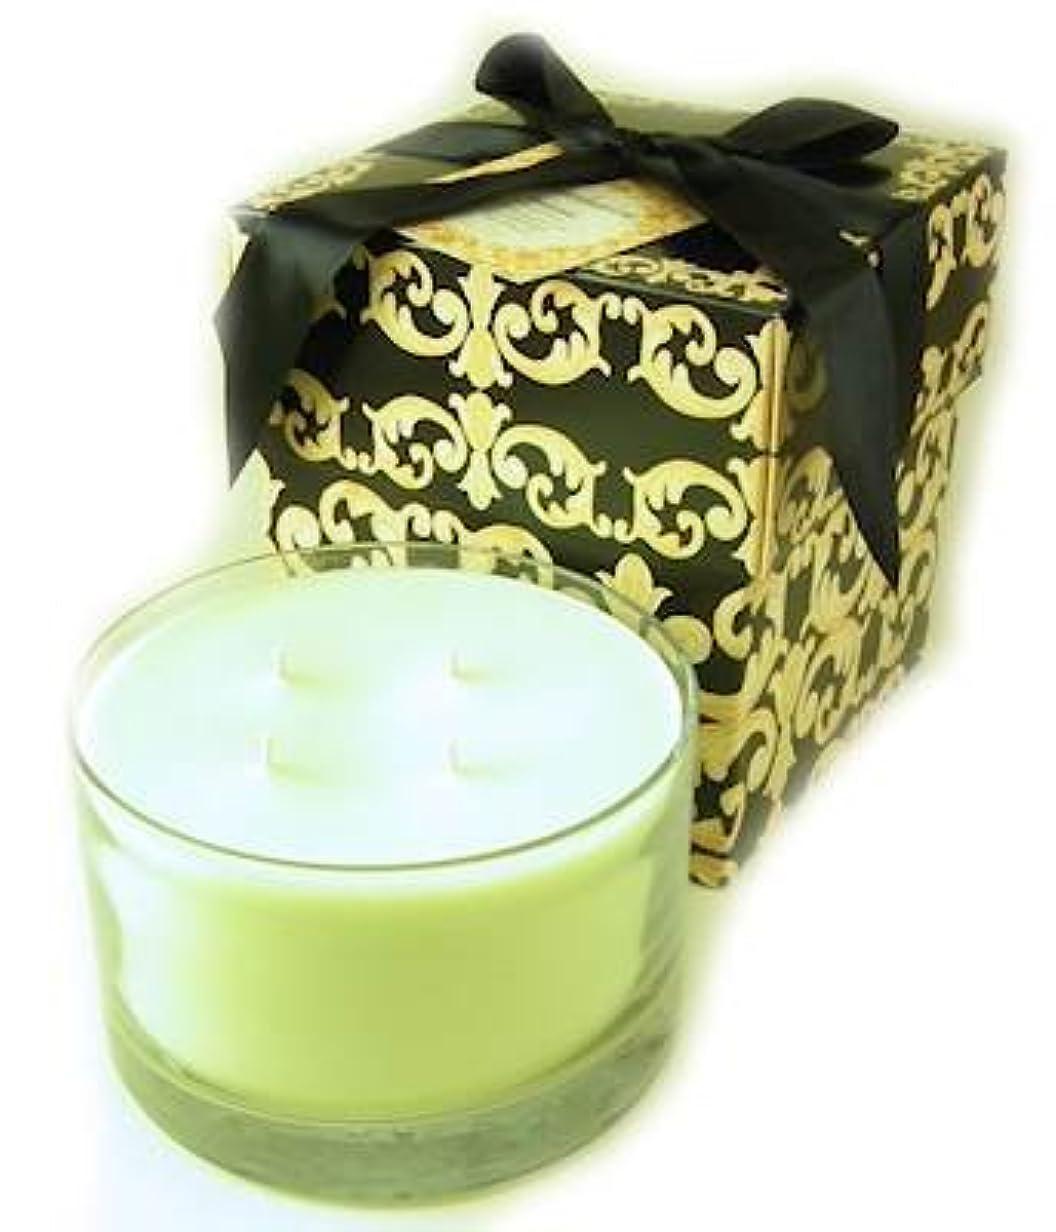 進化カプラーメトリックオレンジバニラ – Exclusive Tyler 40 oz 4-wick香りつきJar Candle